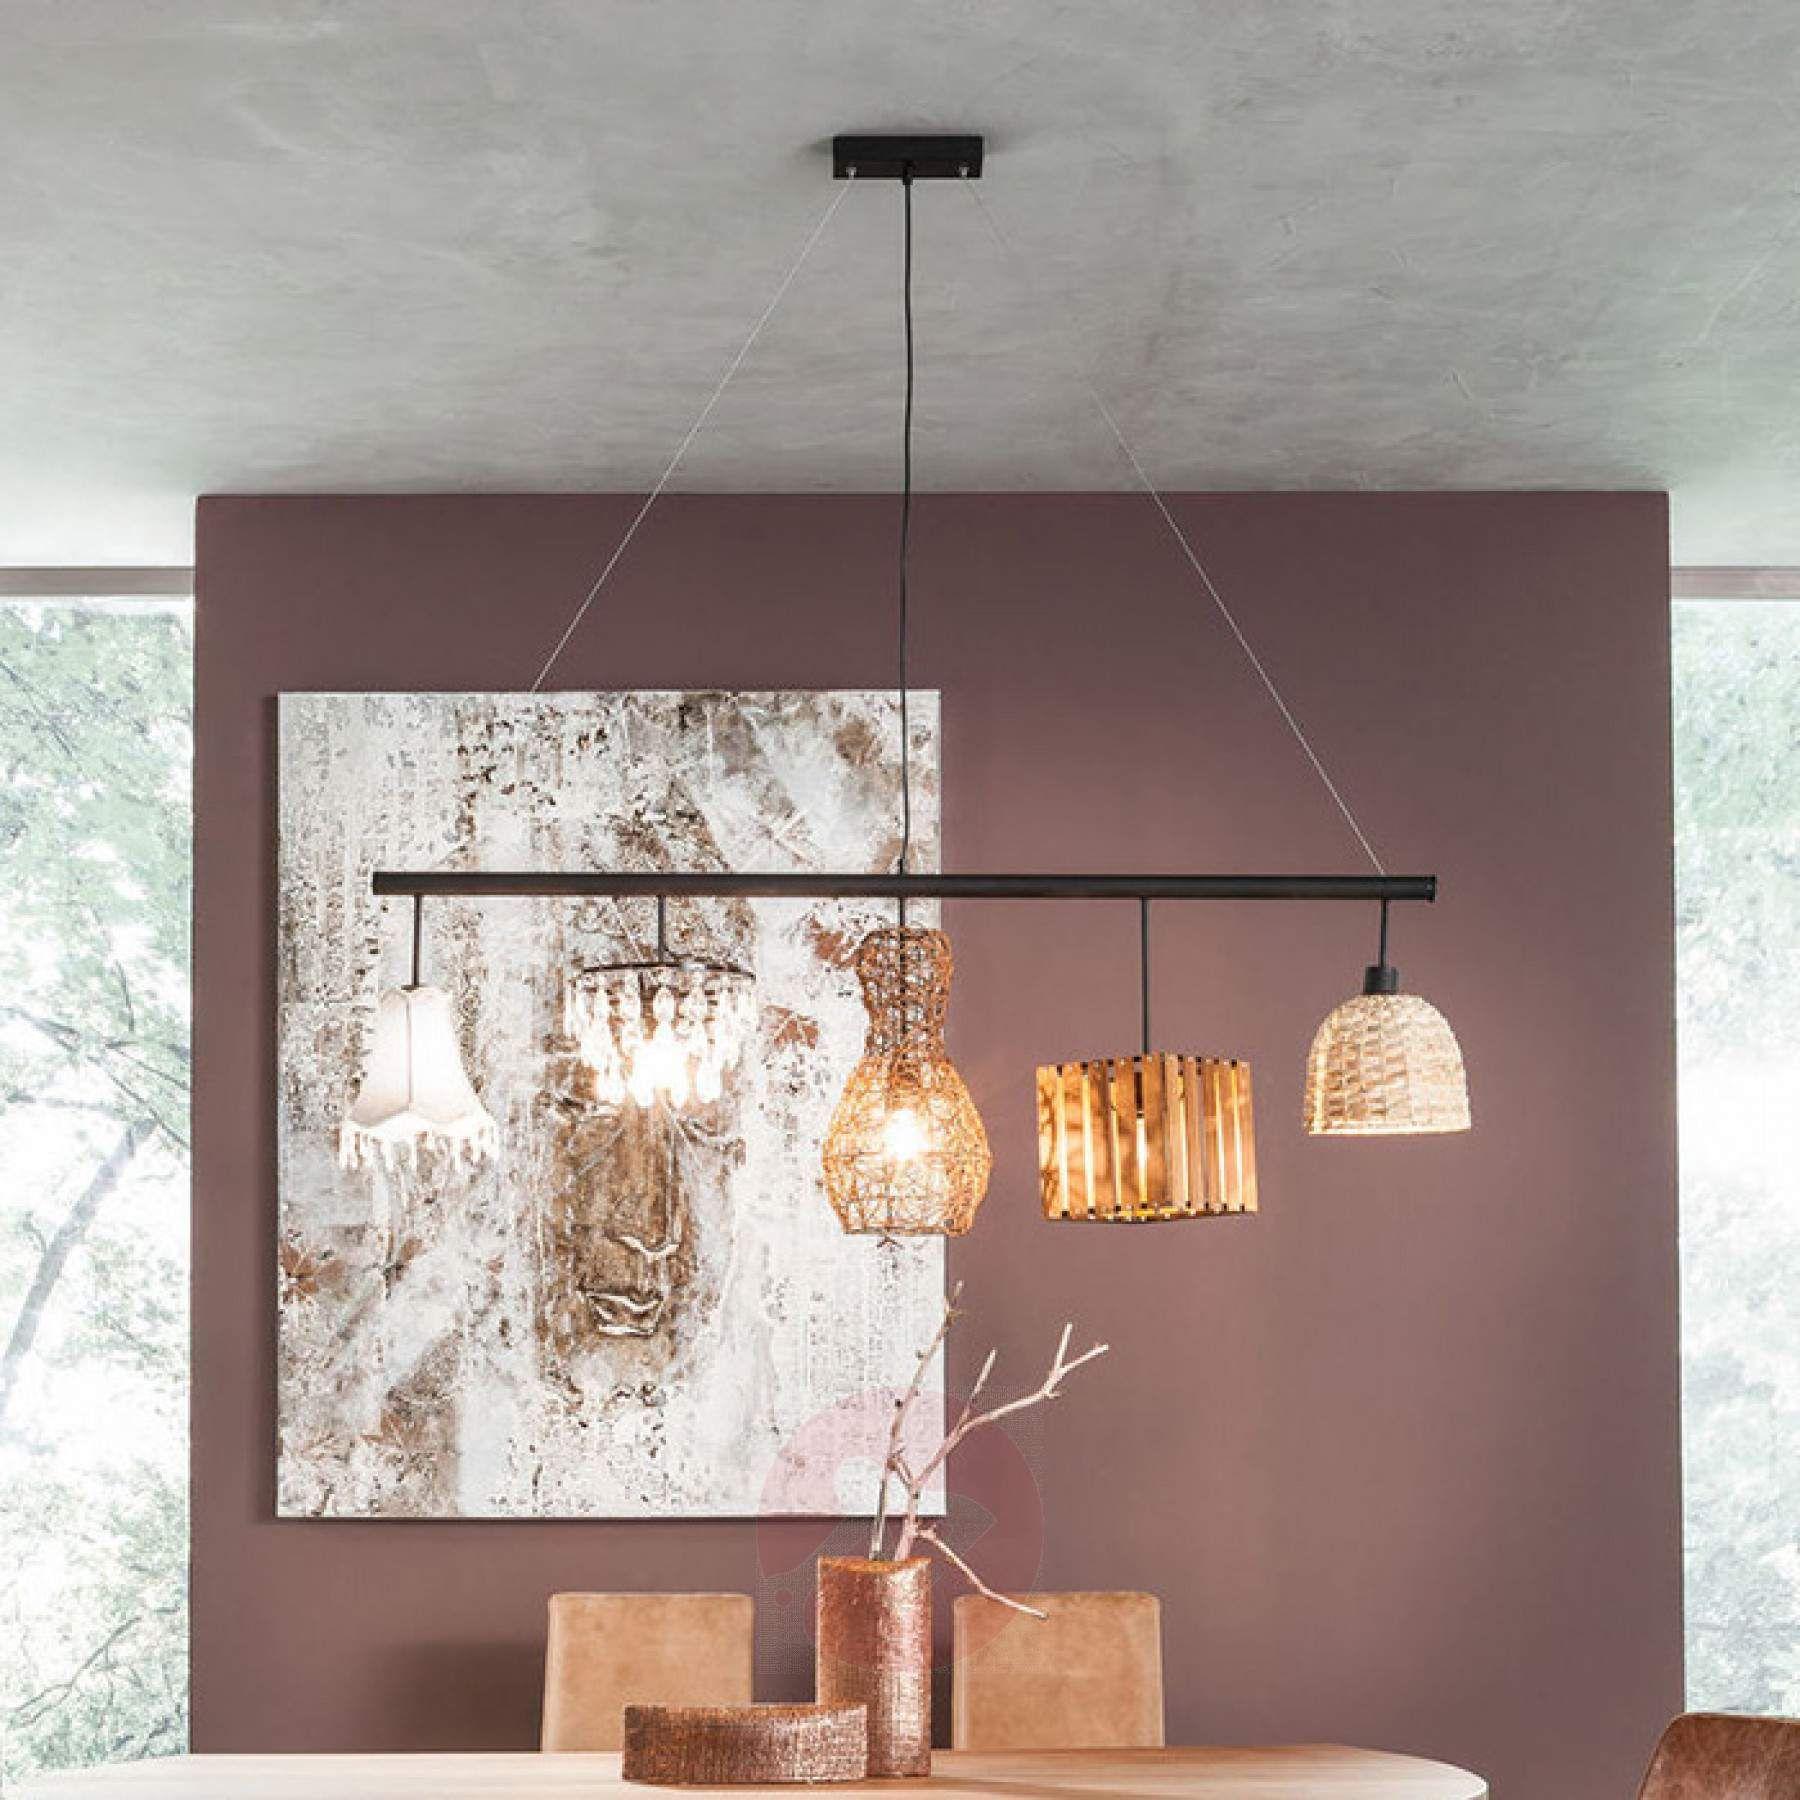 man muss sich nicht immer fr einen stil entscheiden balkenpendelleuchte parecchi art house mit fnf - Fantastisch Tolles Dekoration Lampe Mit Mehreren Schirmen